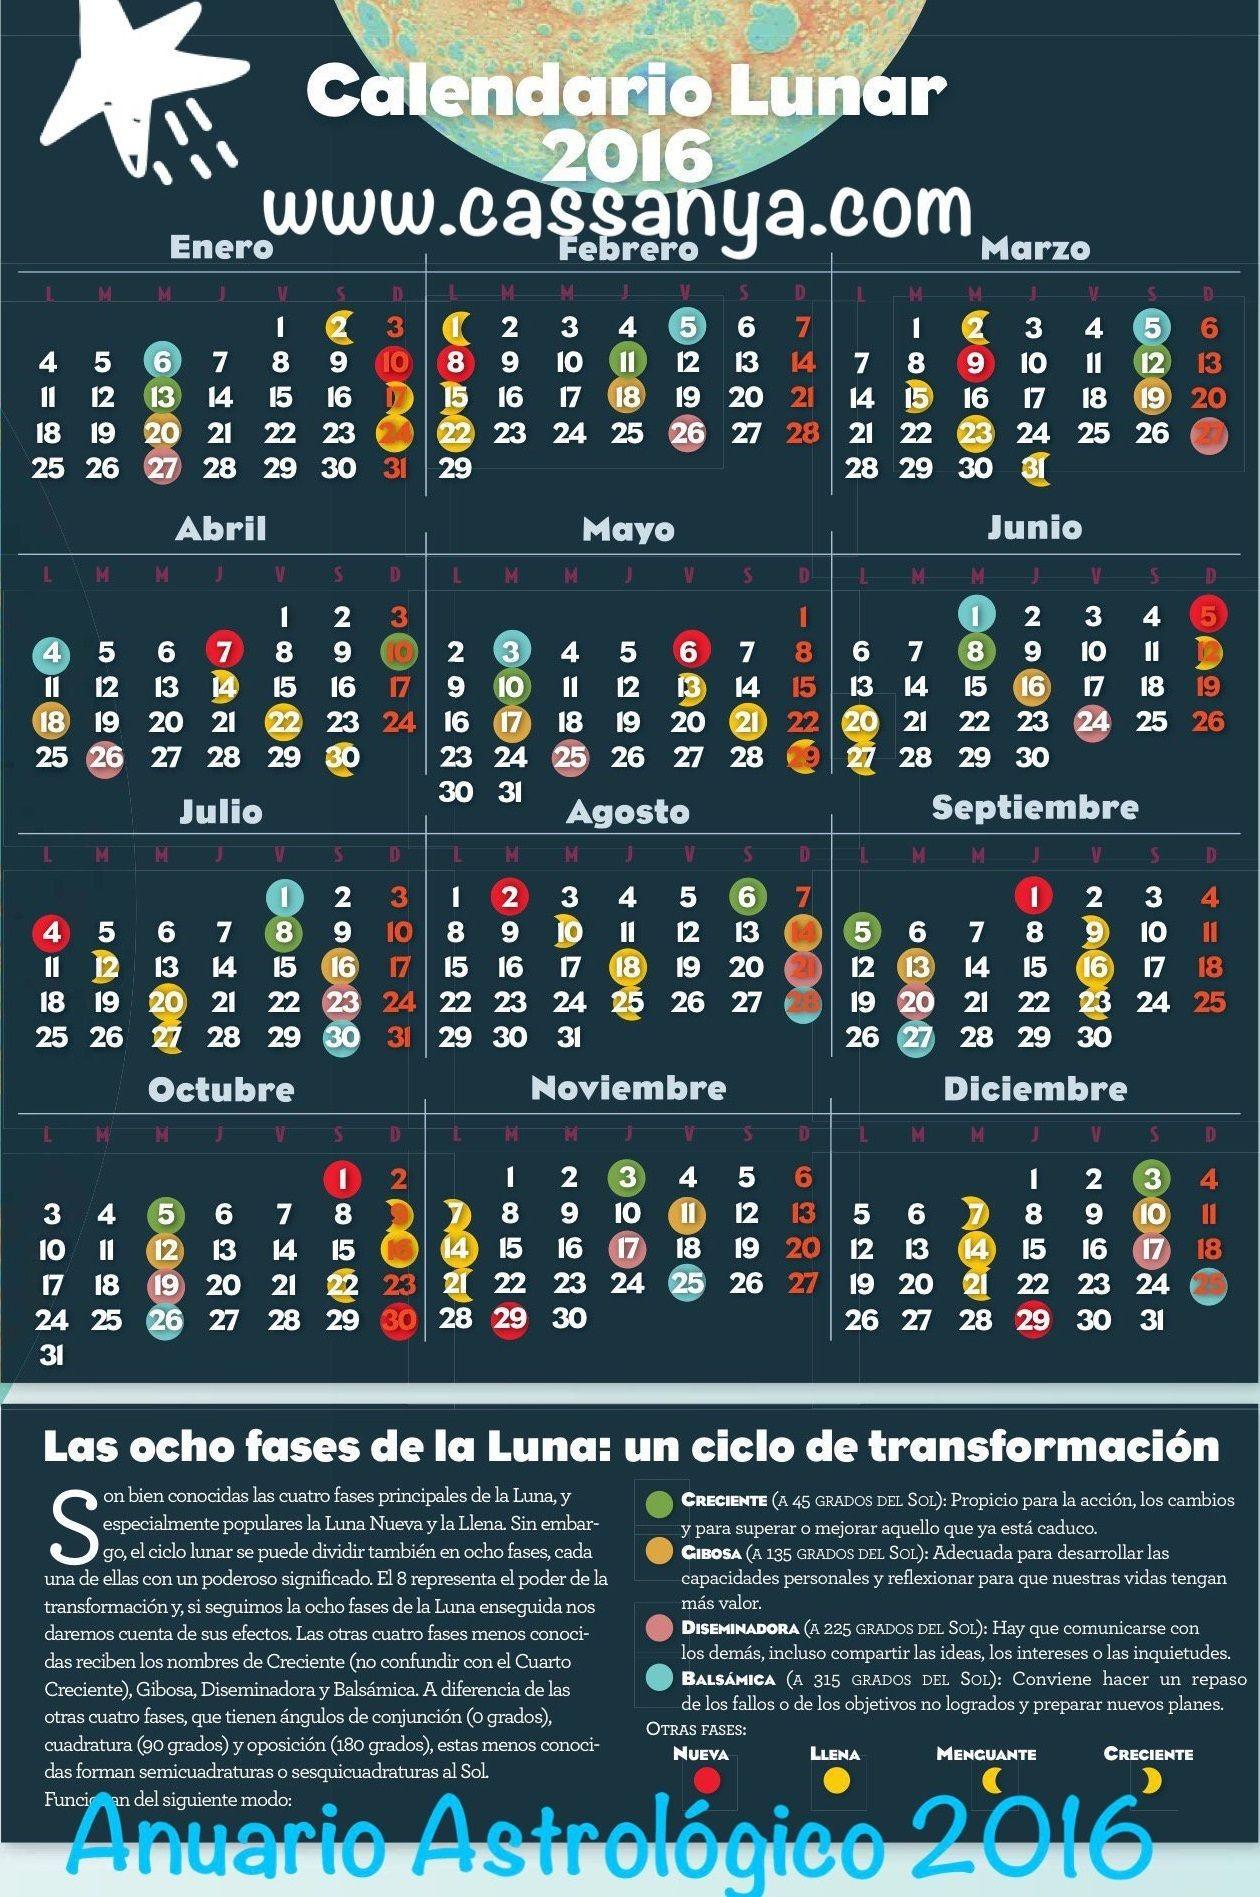 Calendario Lunar Febrero 2019 Mexico Mejores Y Más Novedosos Calendario Lunar 2016 Aqu Tienes Un Pleto Calendario Lunar 2016 Of Calendario Lunar Febrero 2019 Mexico Mejores Y Más Novedosos Calaméo Gara